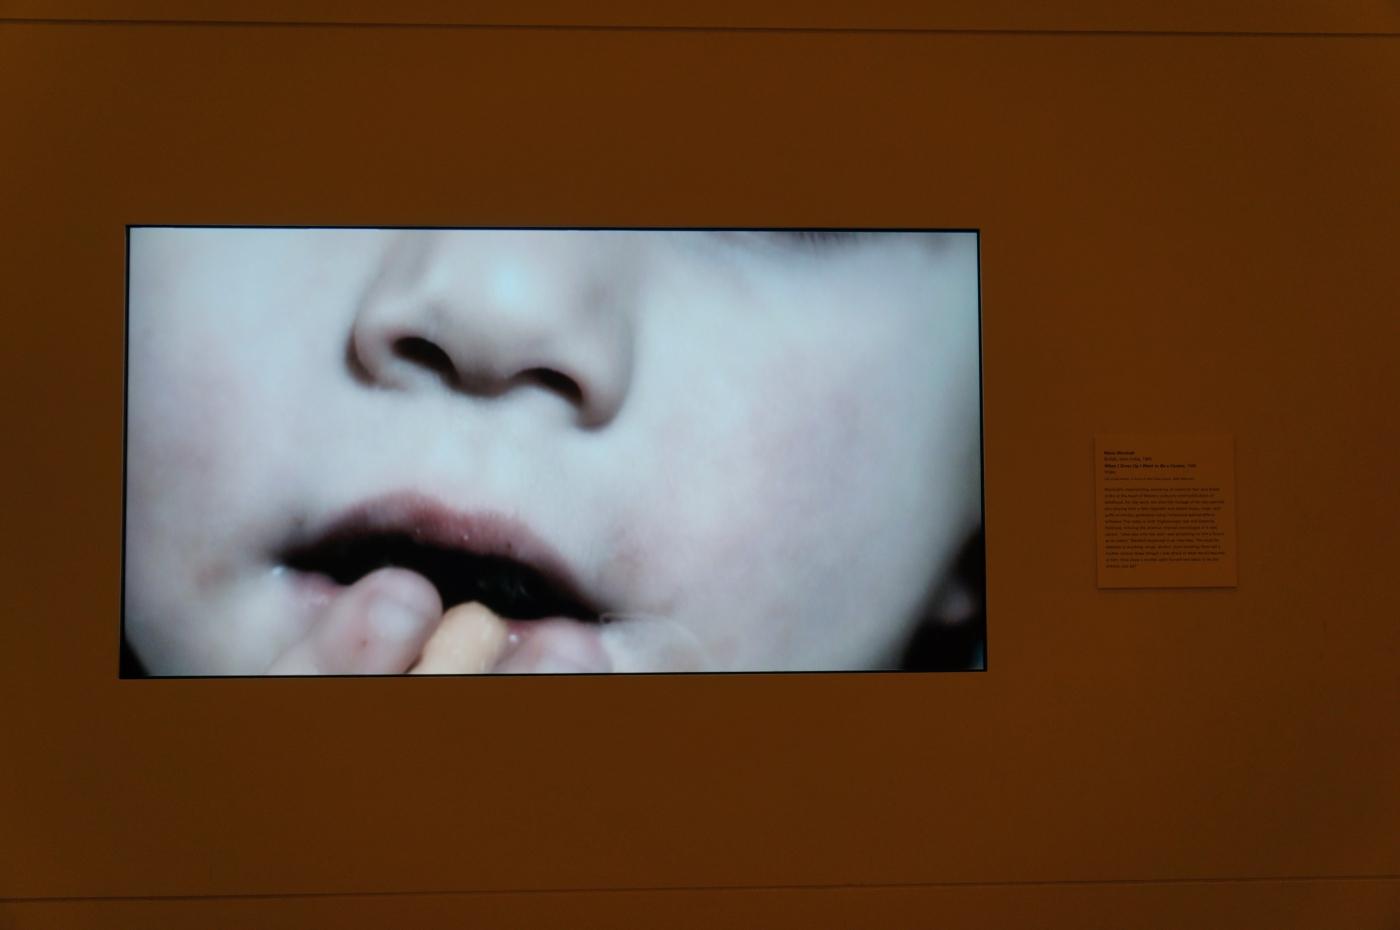 [jiejoy]大都会博物馆---吸烟的小孩_图1-2